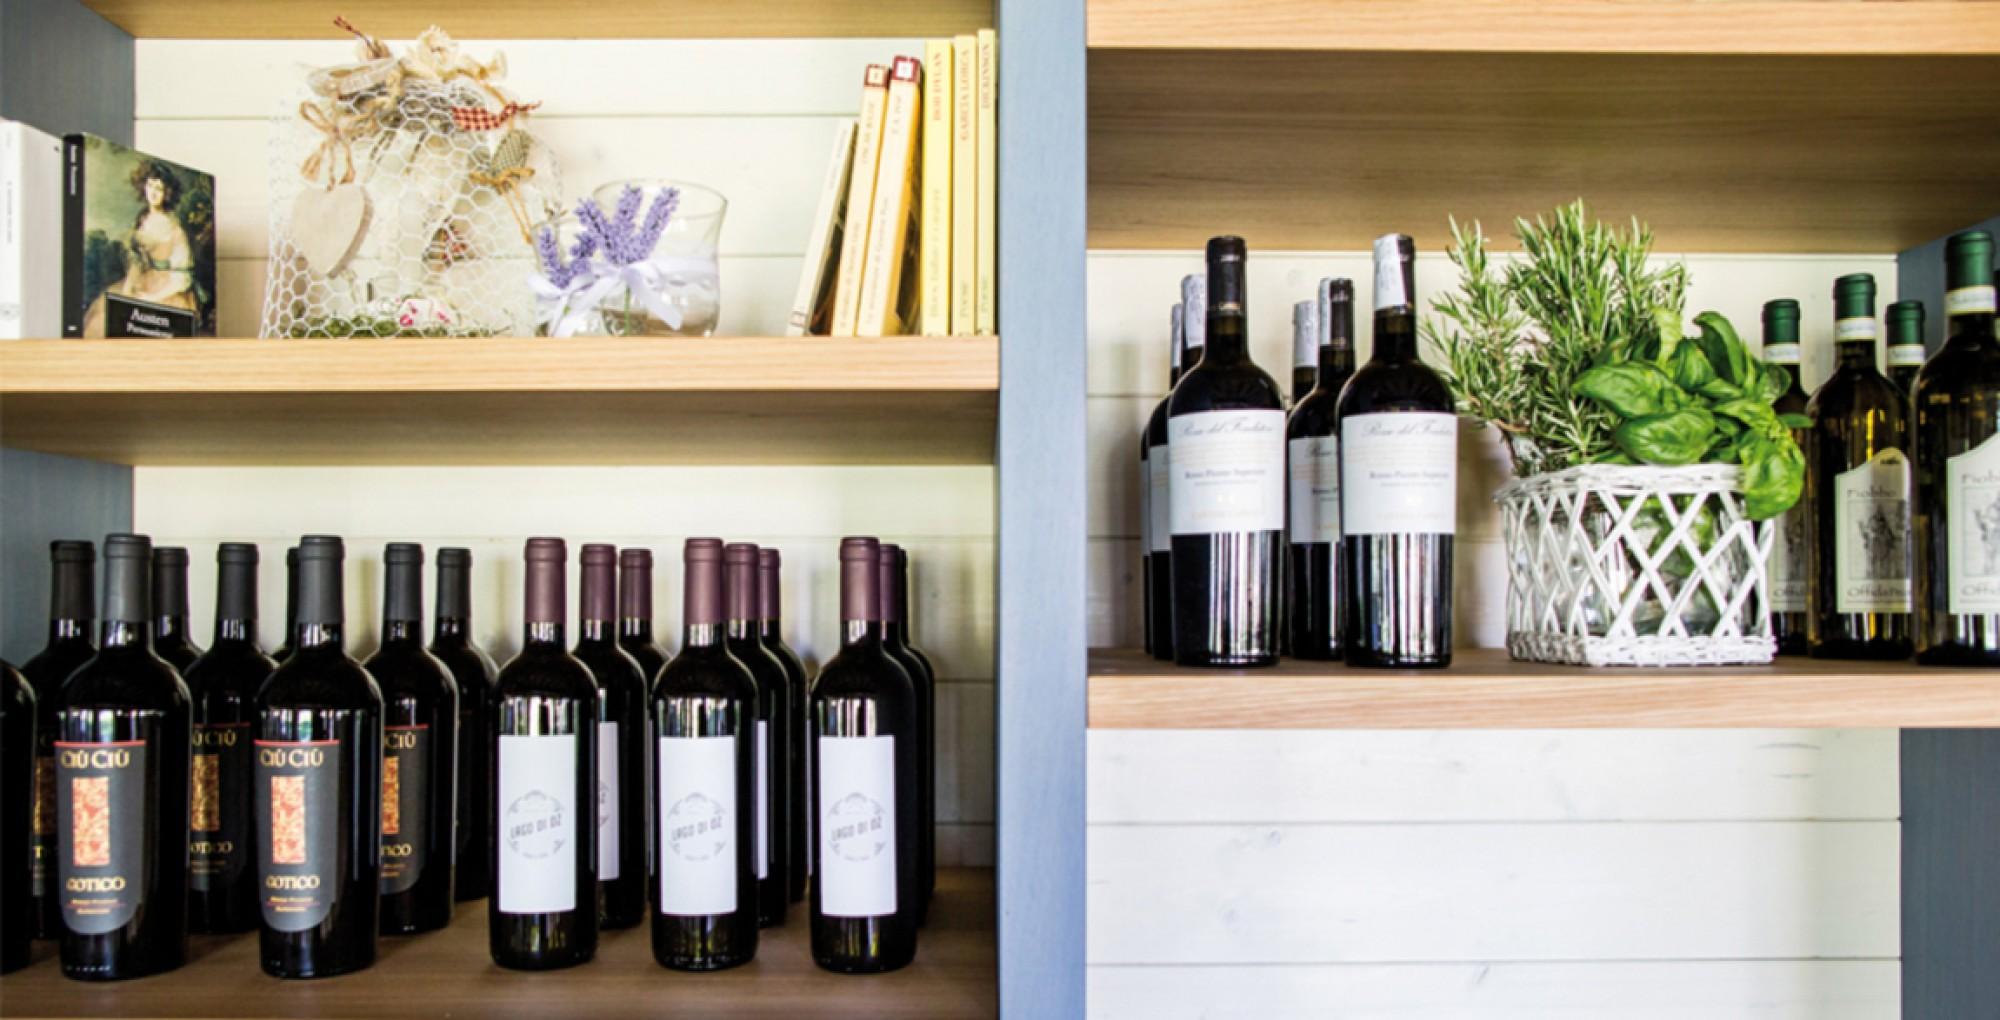 Scelta di vini dell'osteria - Lago di Oz - Food & Soul